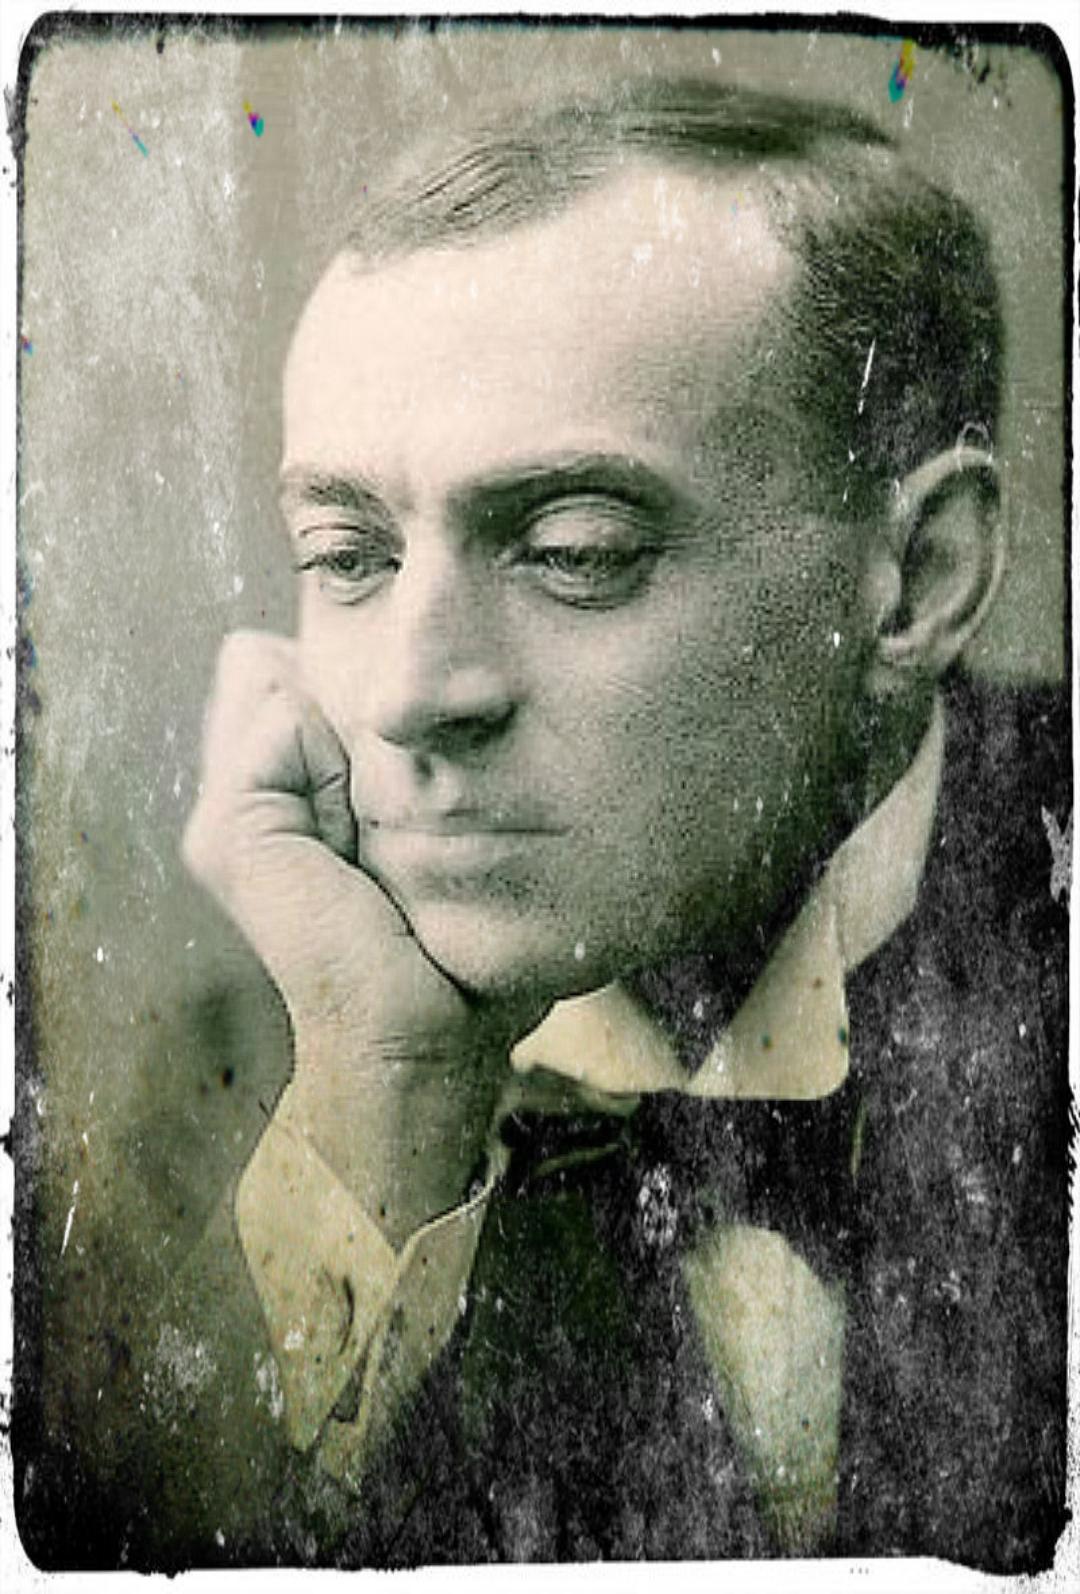 Βλαντίμιρ Νεμιρόβιτς – Ντάντσενκο Στη μνήμη του Βαχτάνγκοφ